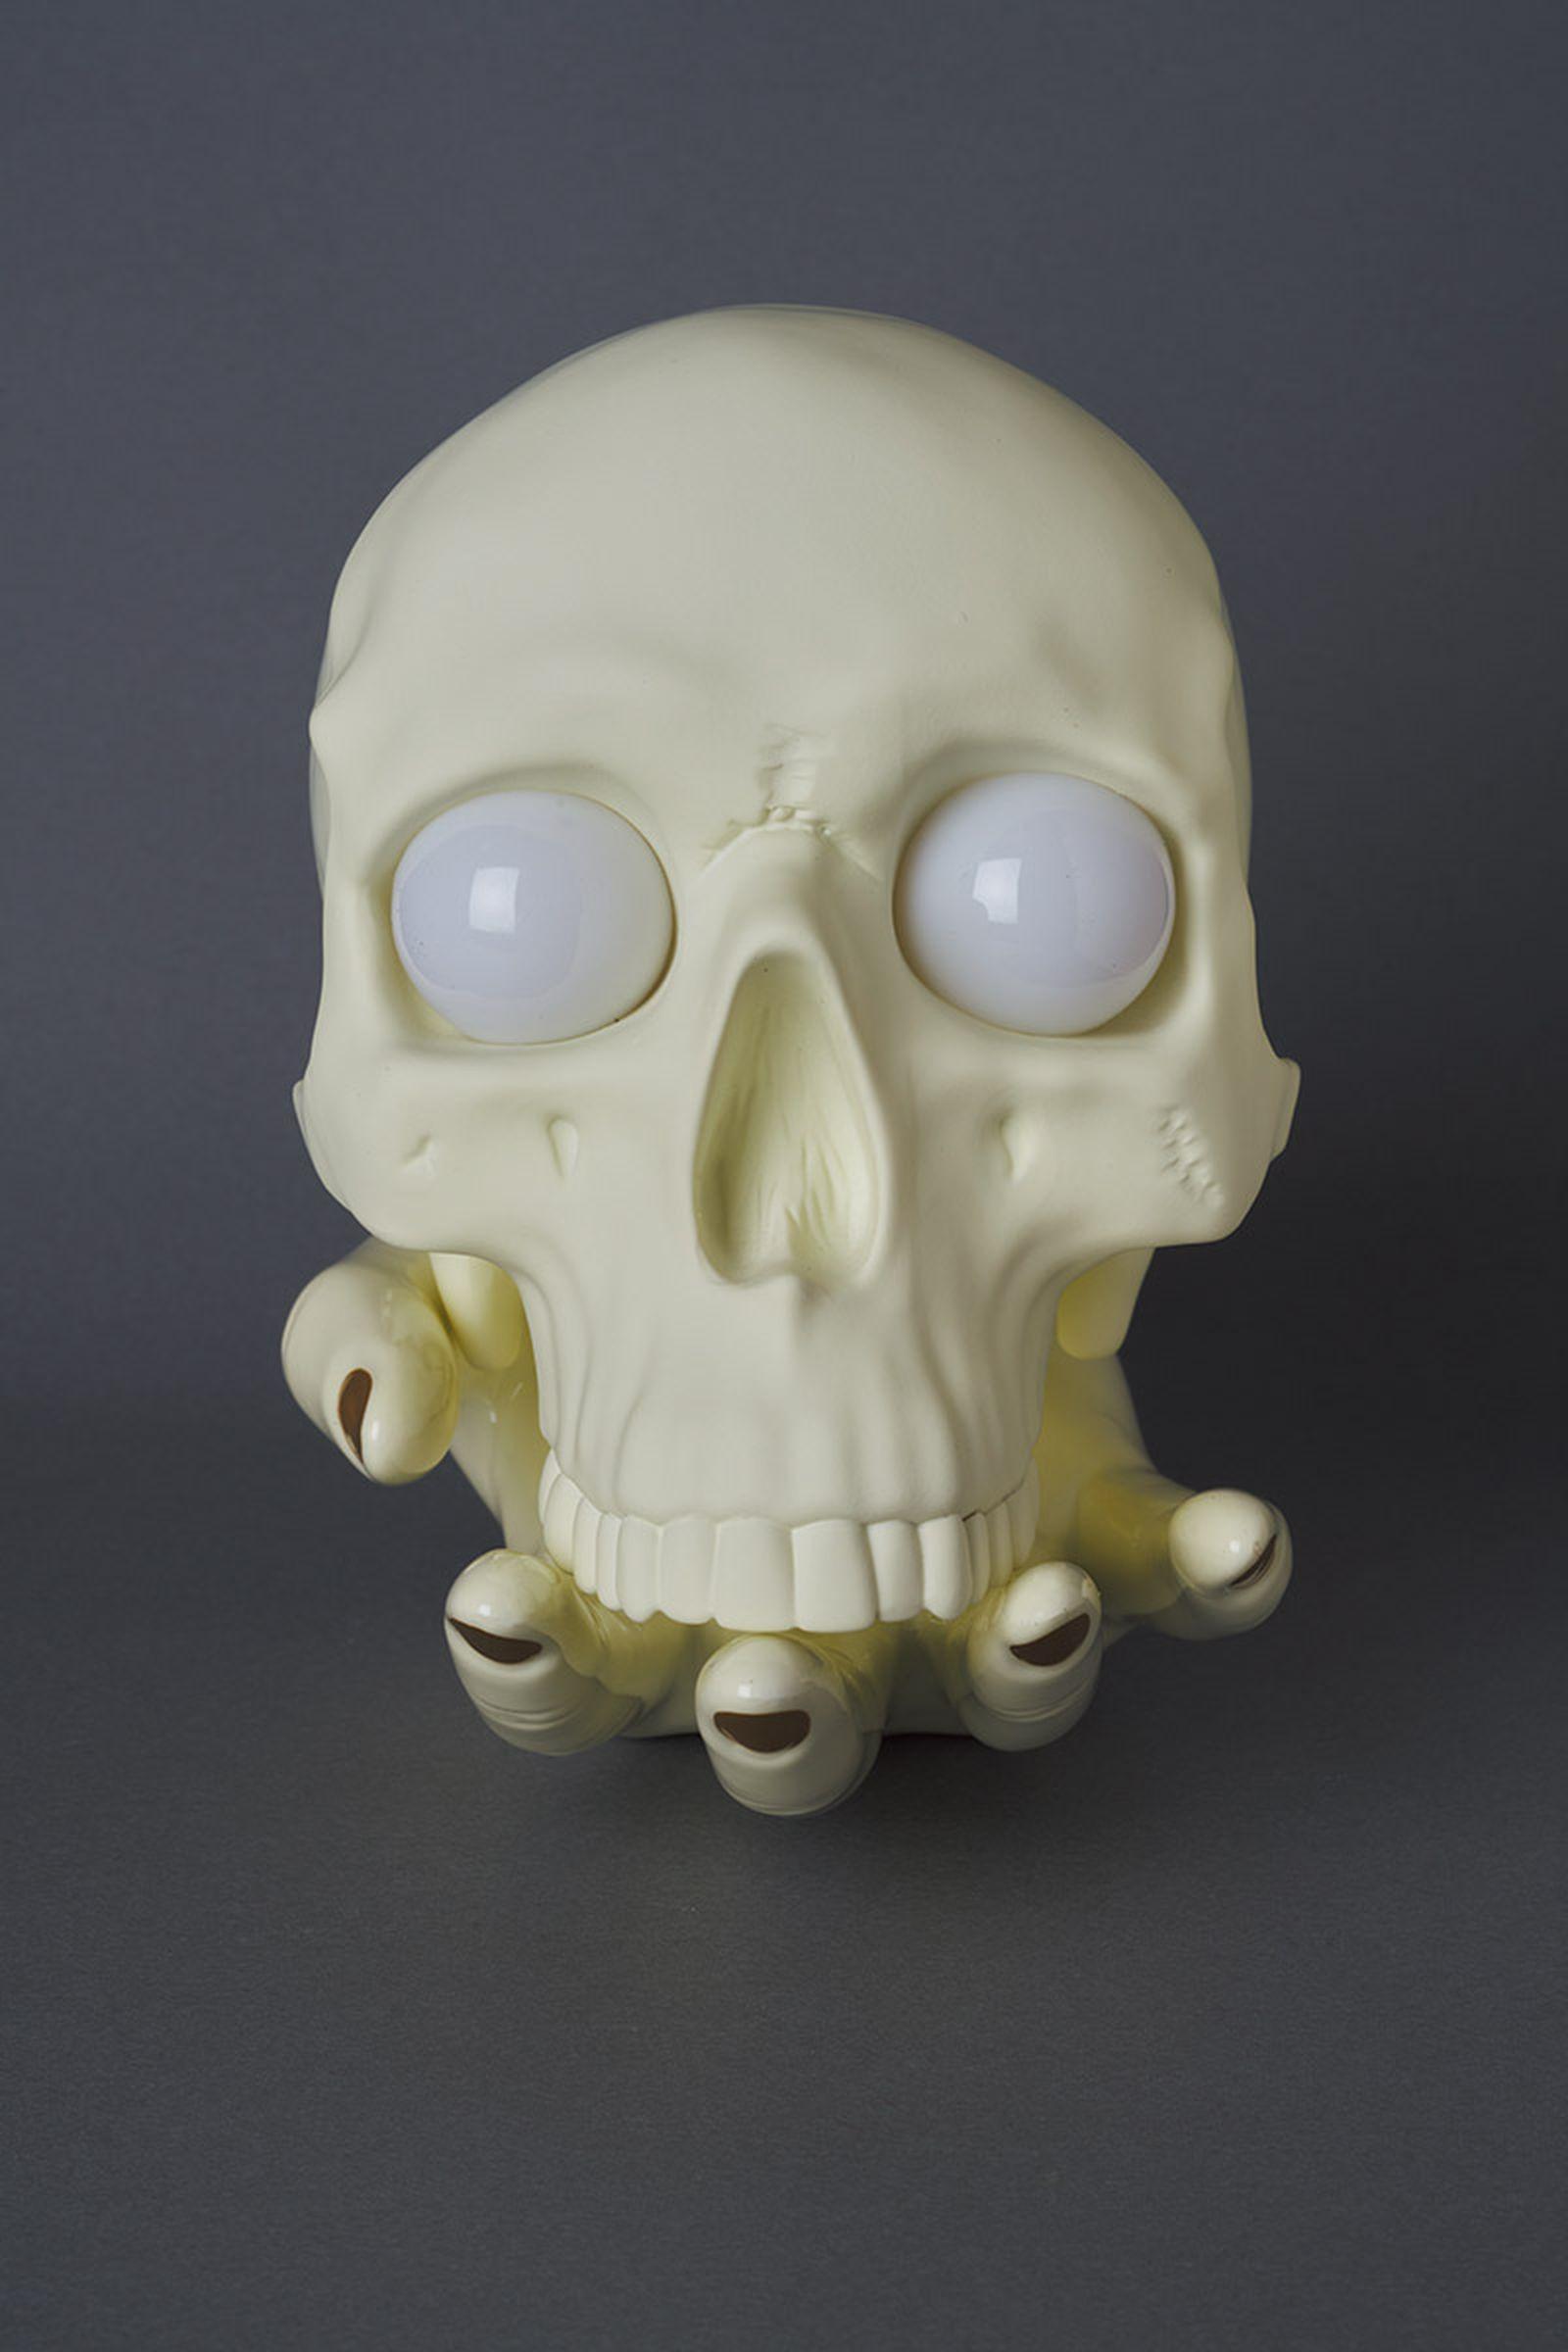 undercover-p-m-usher-spooky-season-skull-lamp-08